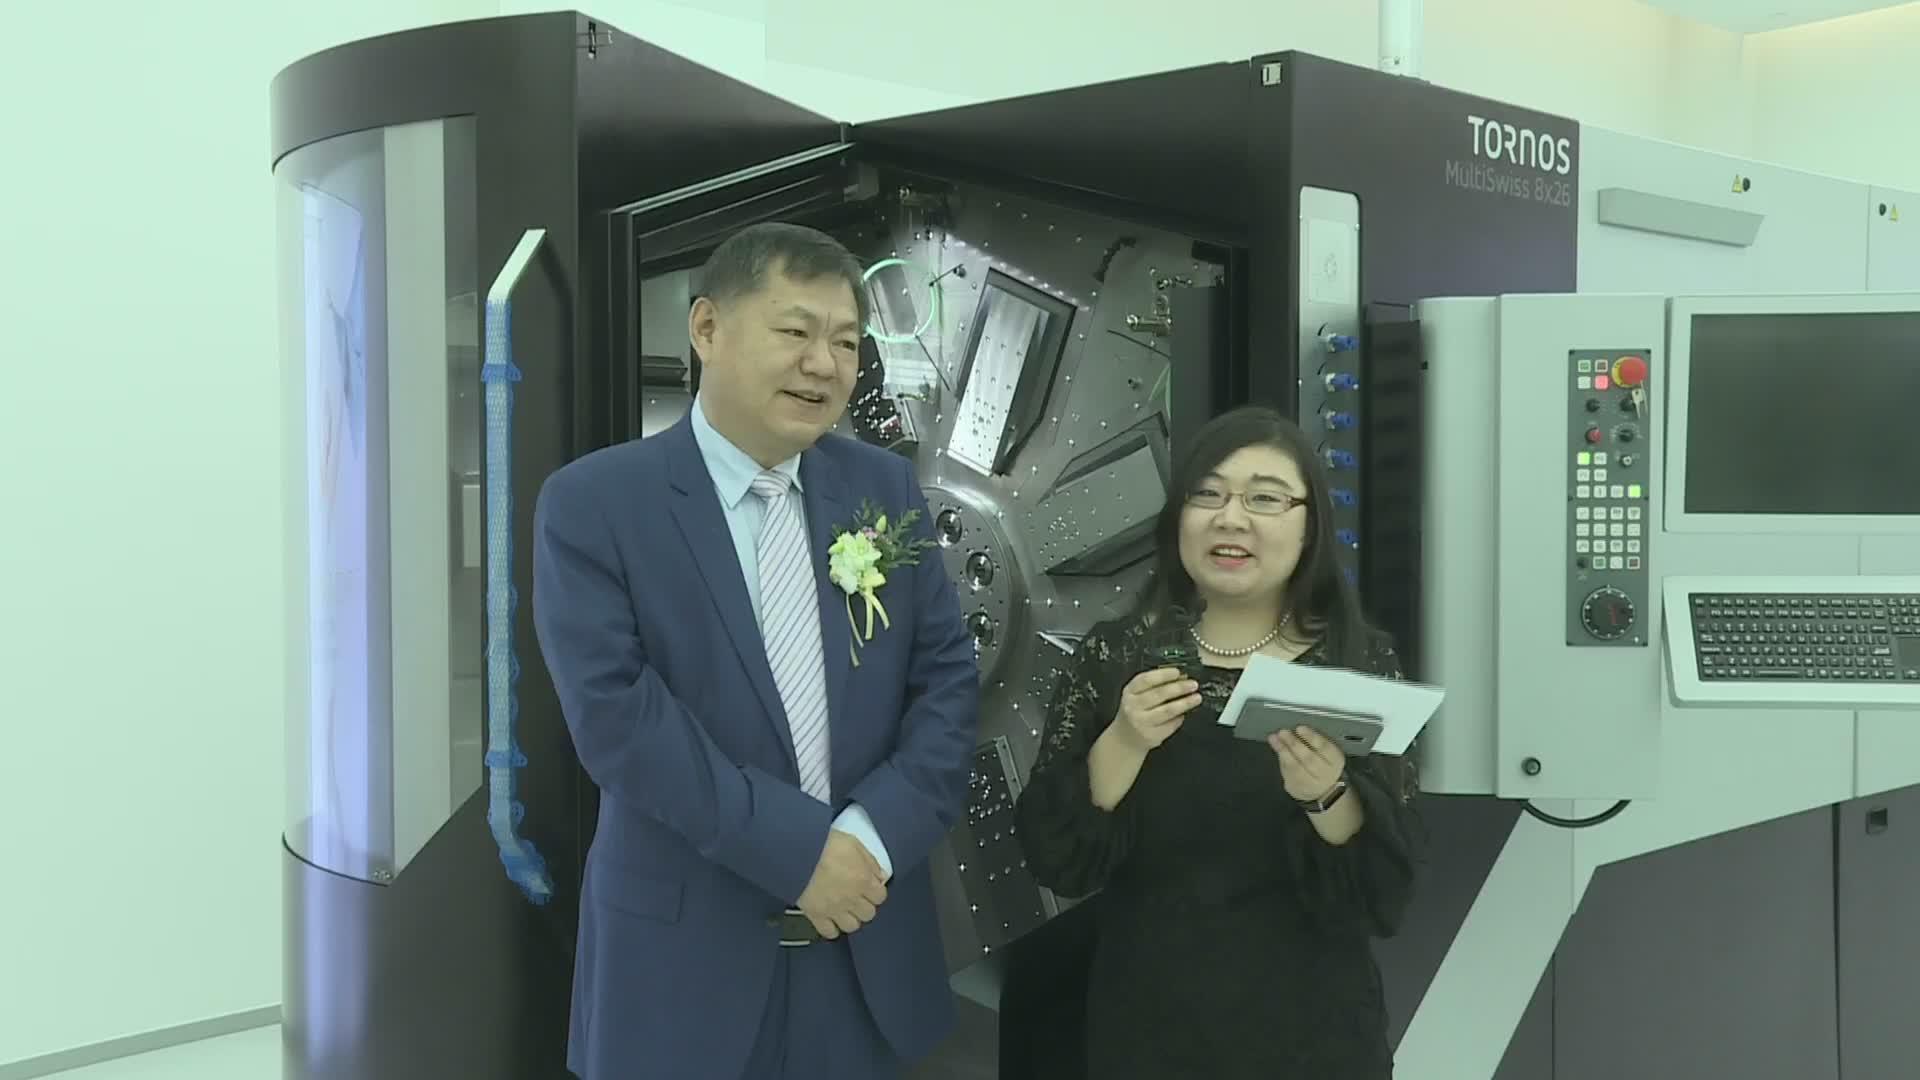 大连德迈仕精密科技股份有限公司董事长何建平先生